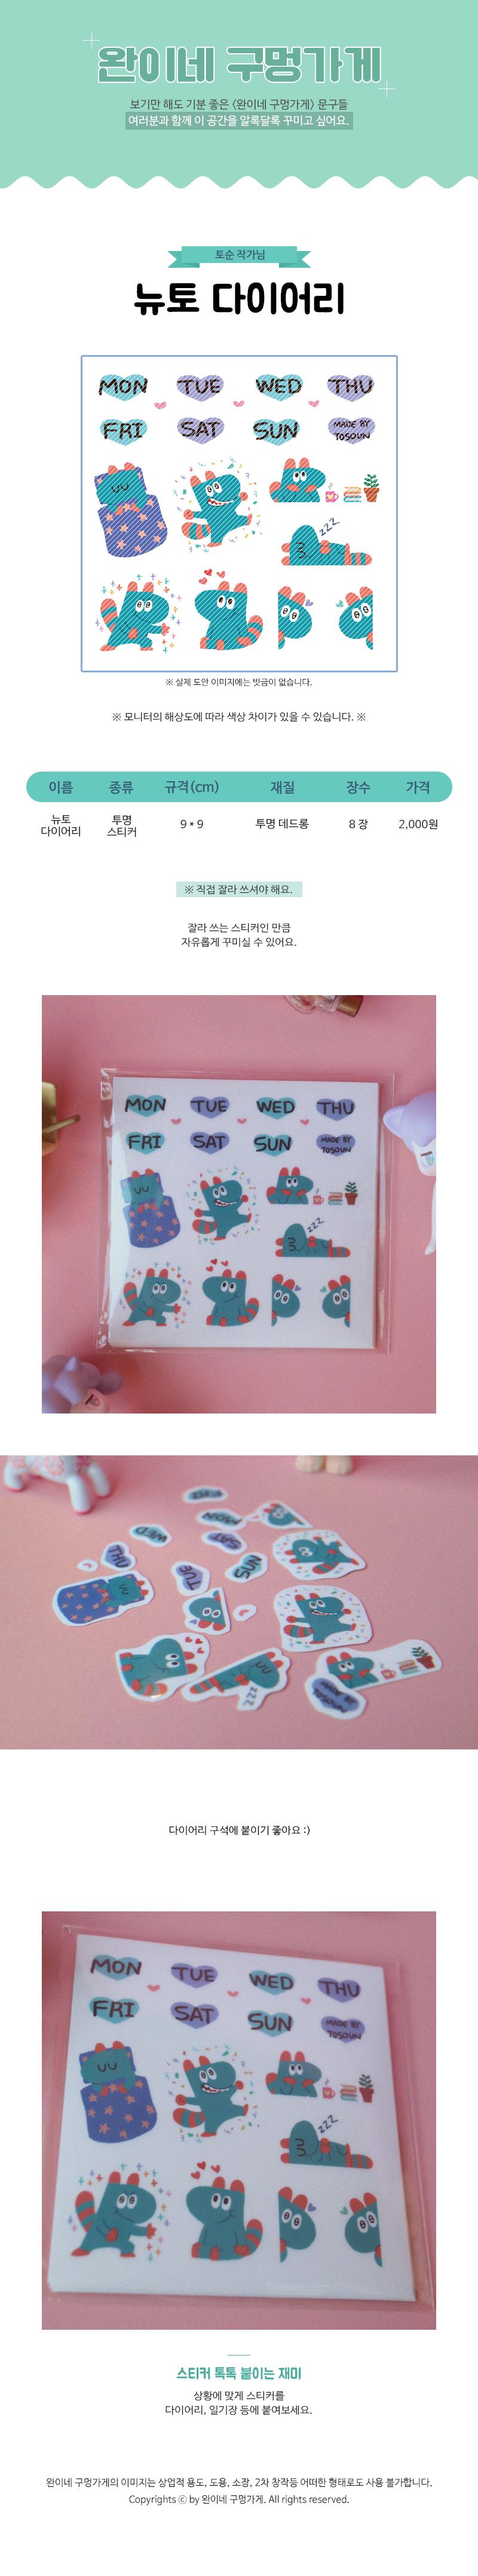 sticker28